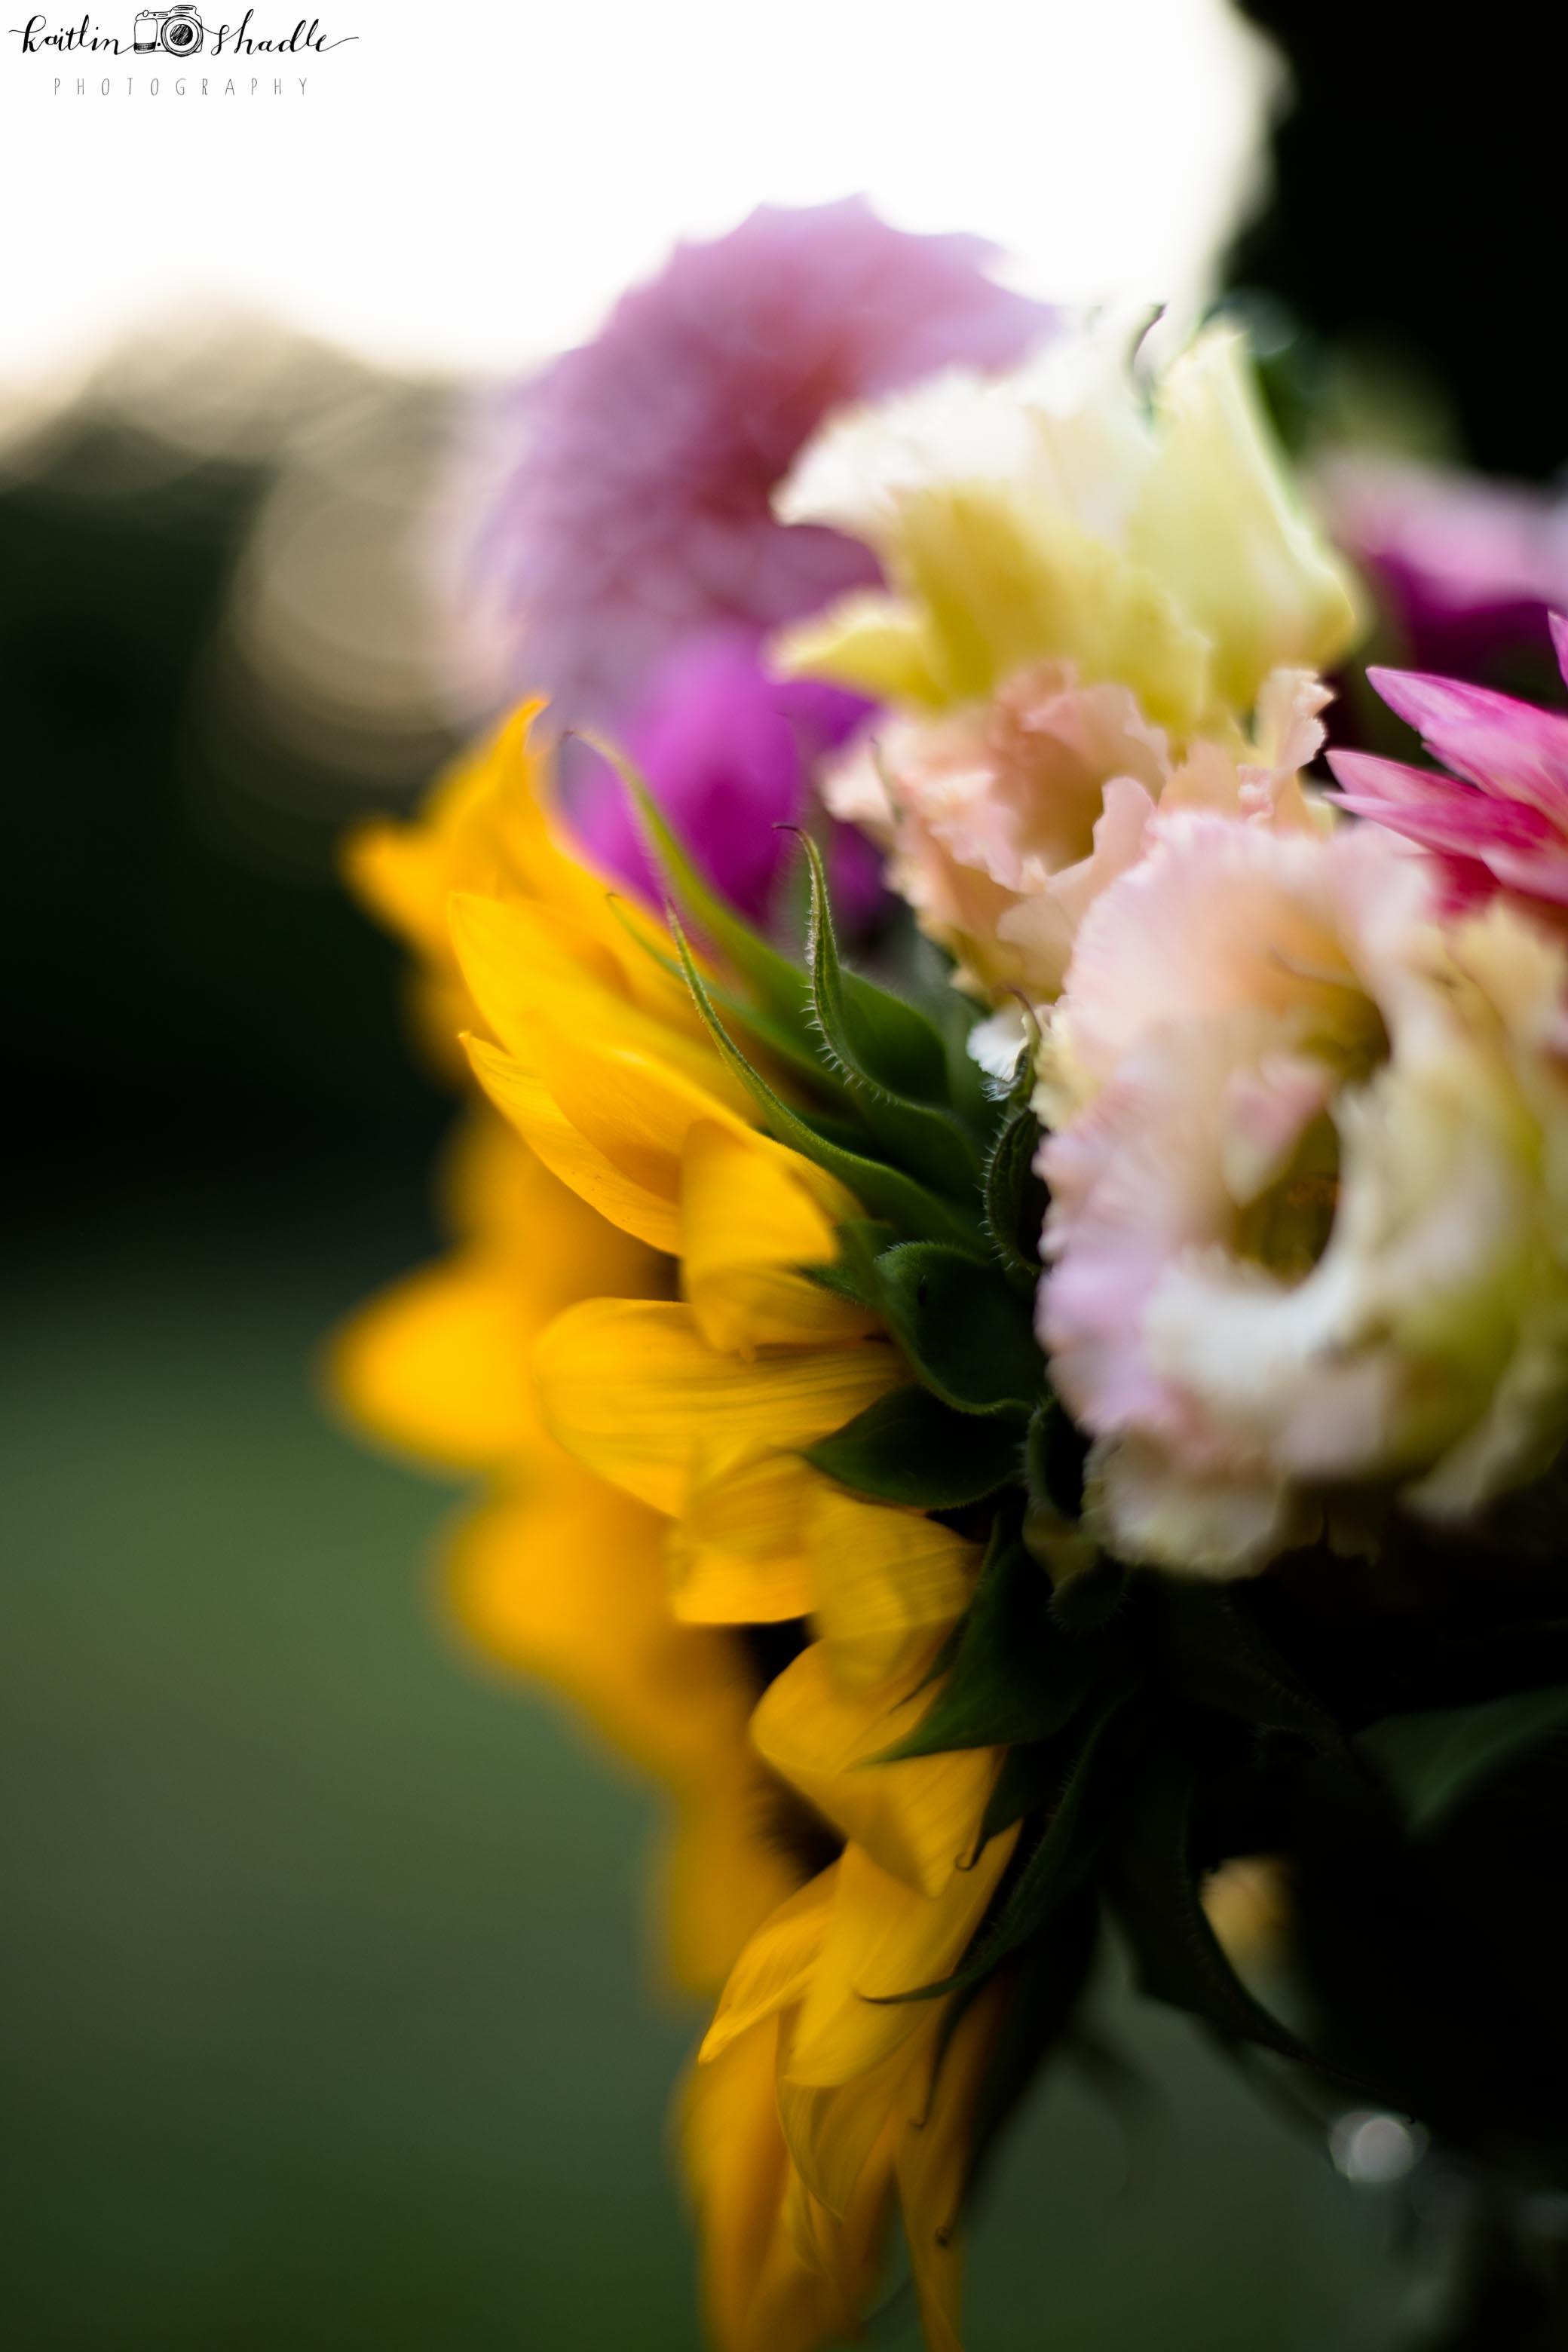 Freelensing the Sunflower